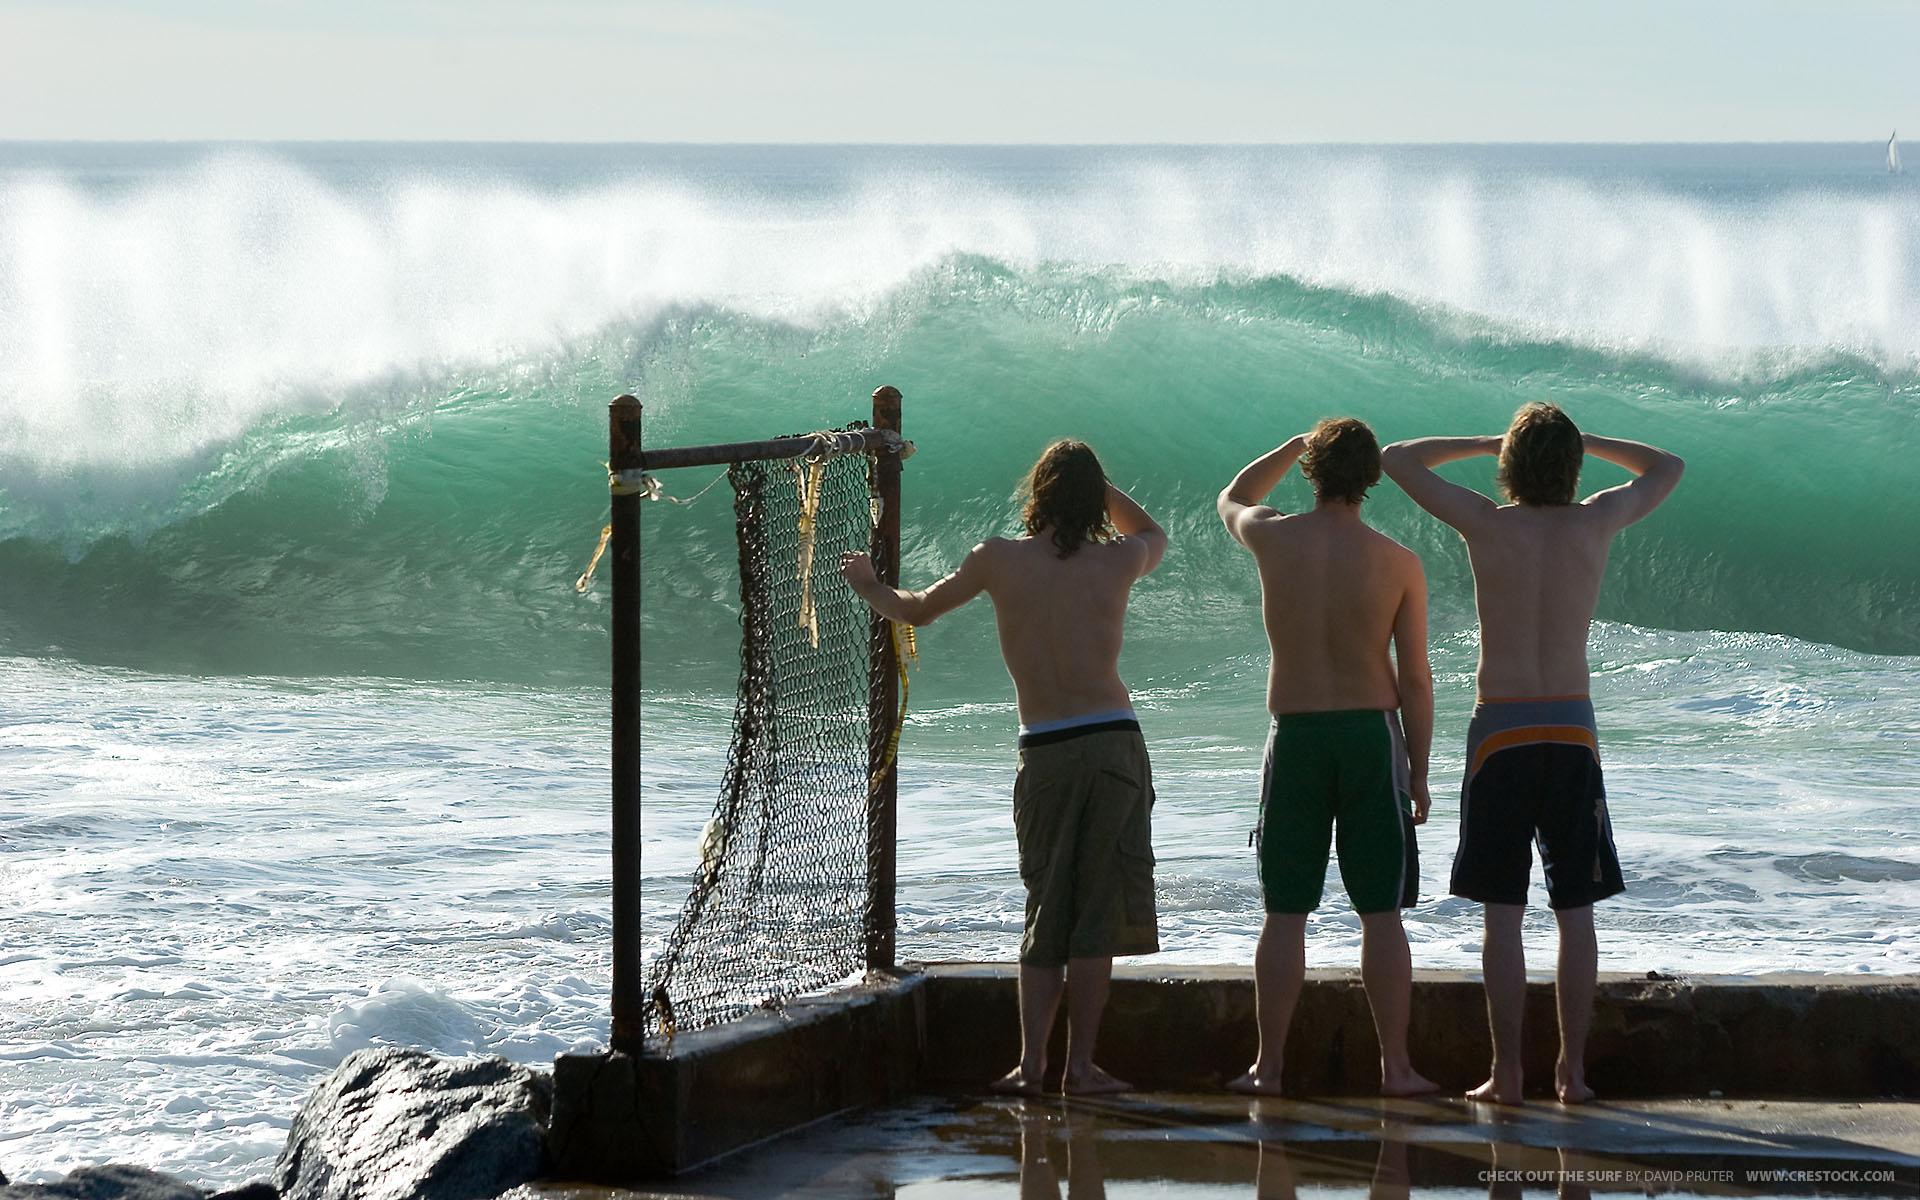 Mirando las olas Surf - 1920x1200